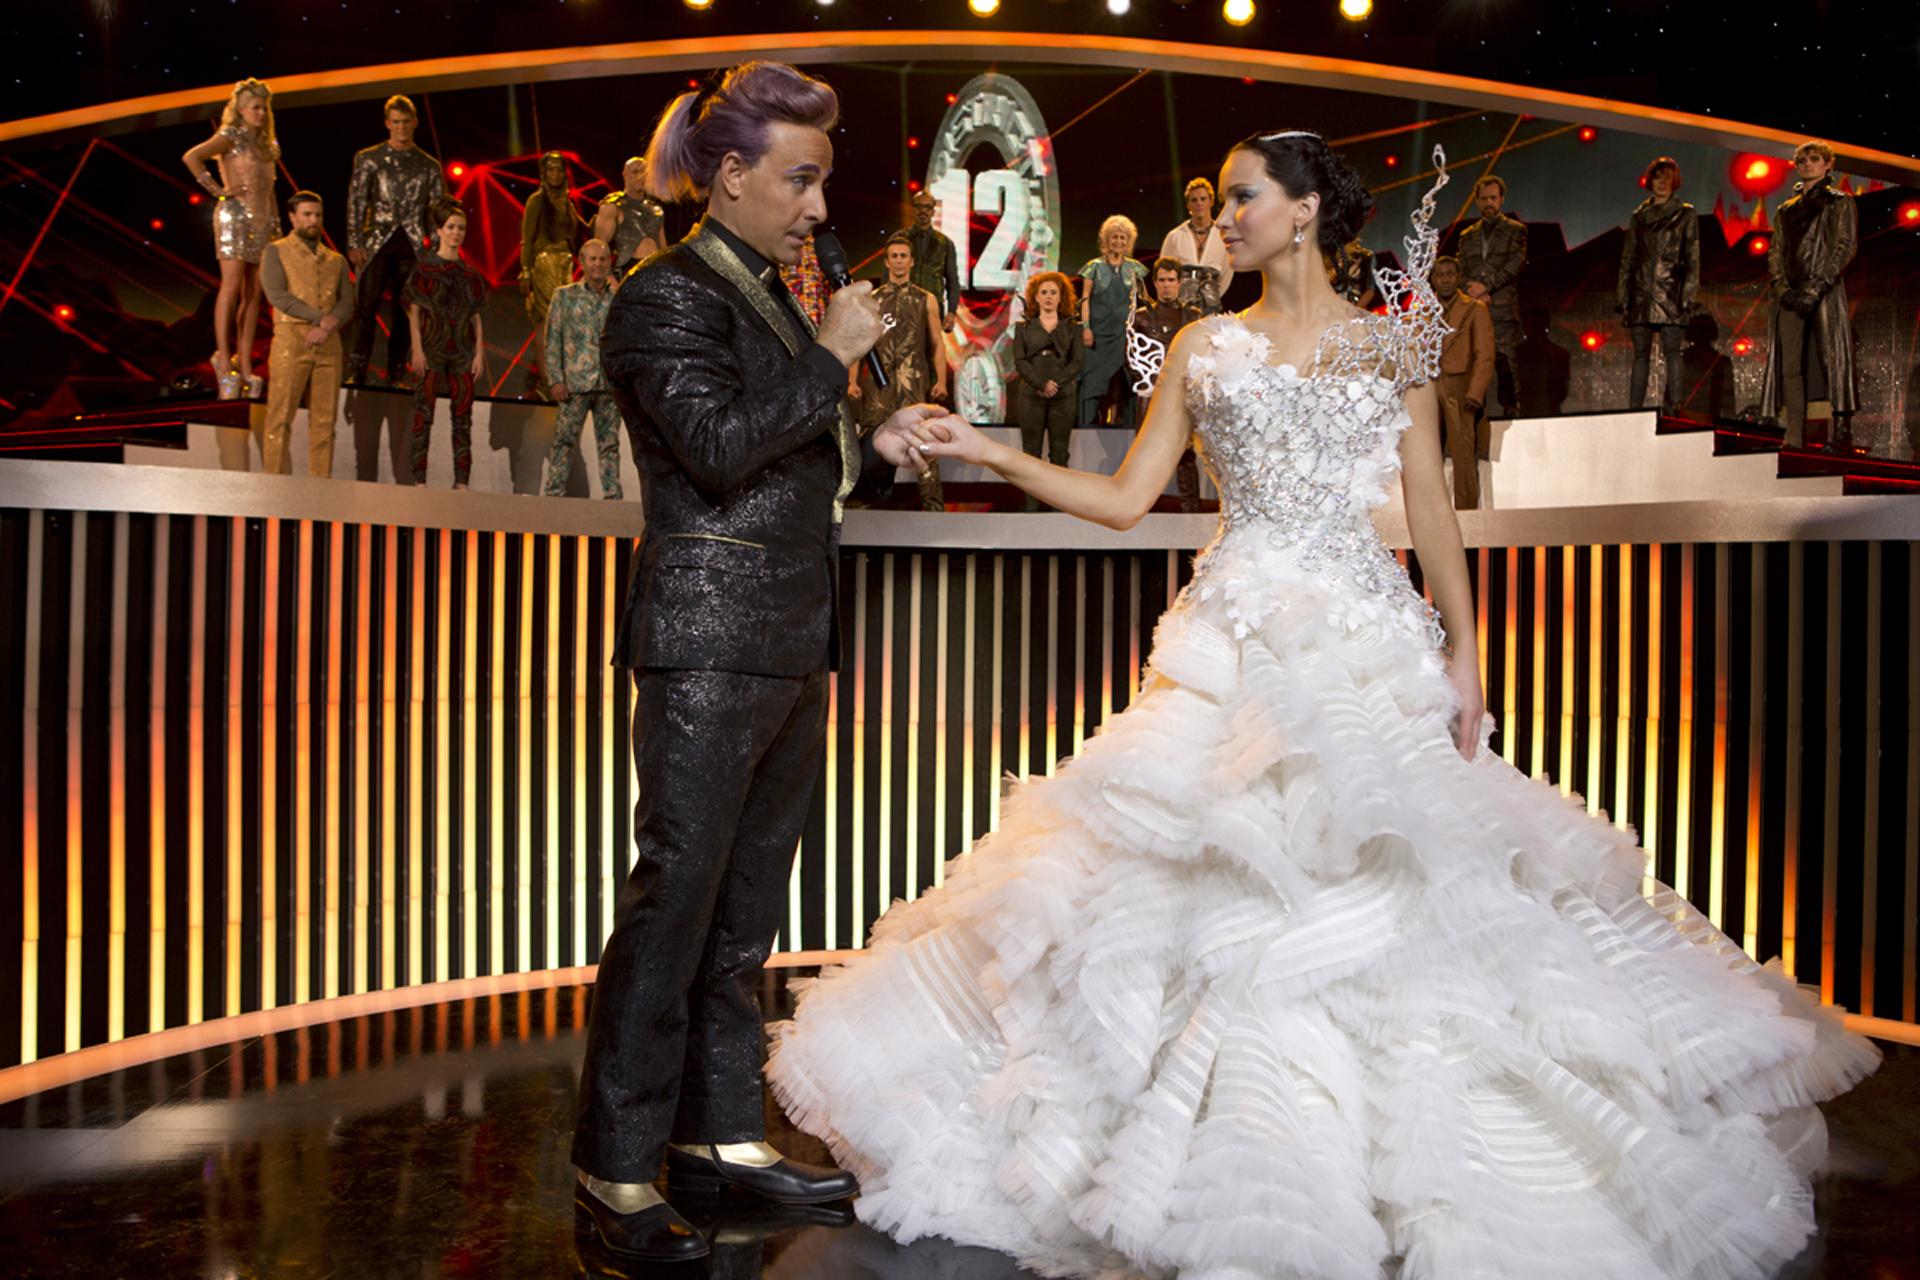 Jennifer Lawrence, la protagonista de 'Los juegos del hambre en llamas' con un vestido de Tex Saverio, un diseñador indonesio de 28 años. Un modelo atrevido y vanguardista usando estructuras metálicas y la falda en cintas y encajes, una verdadera obra de arte bordada